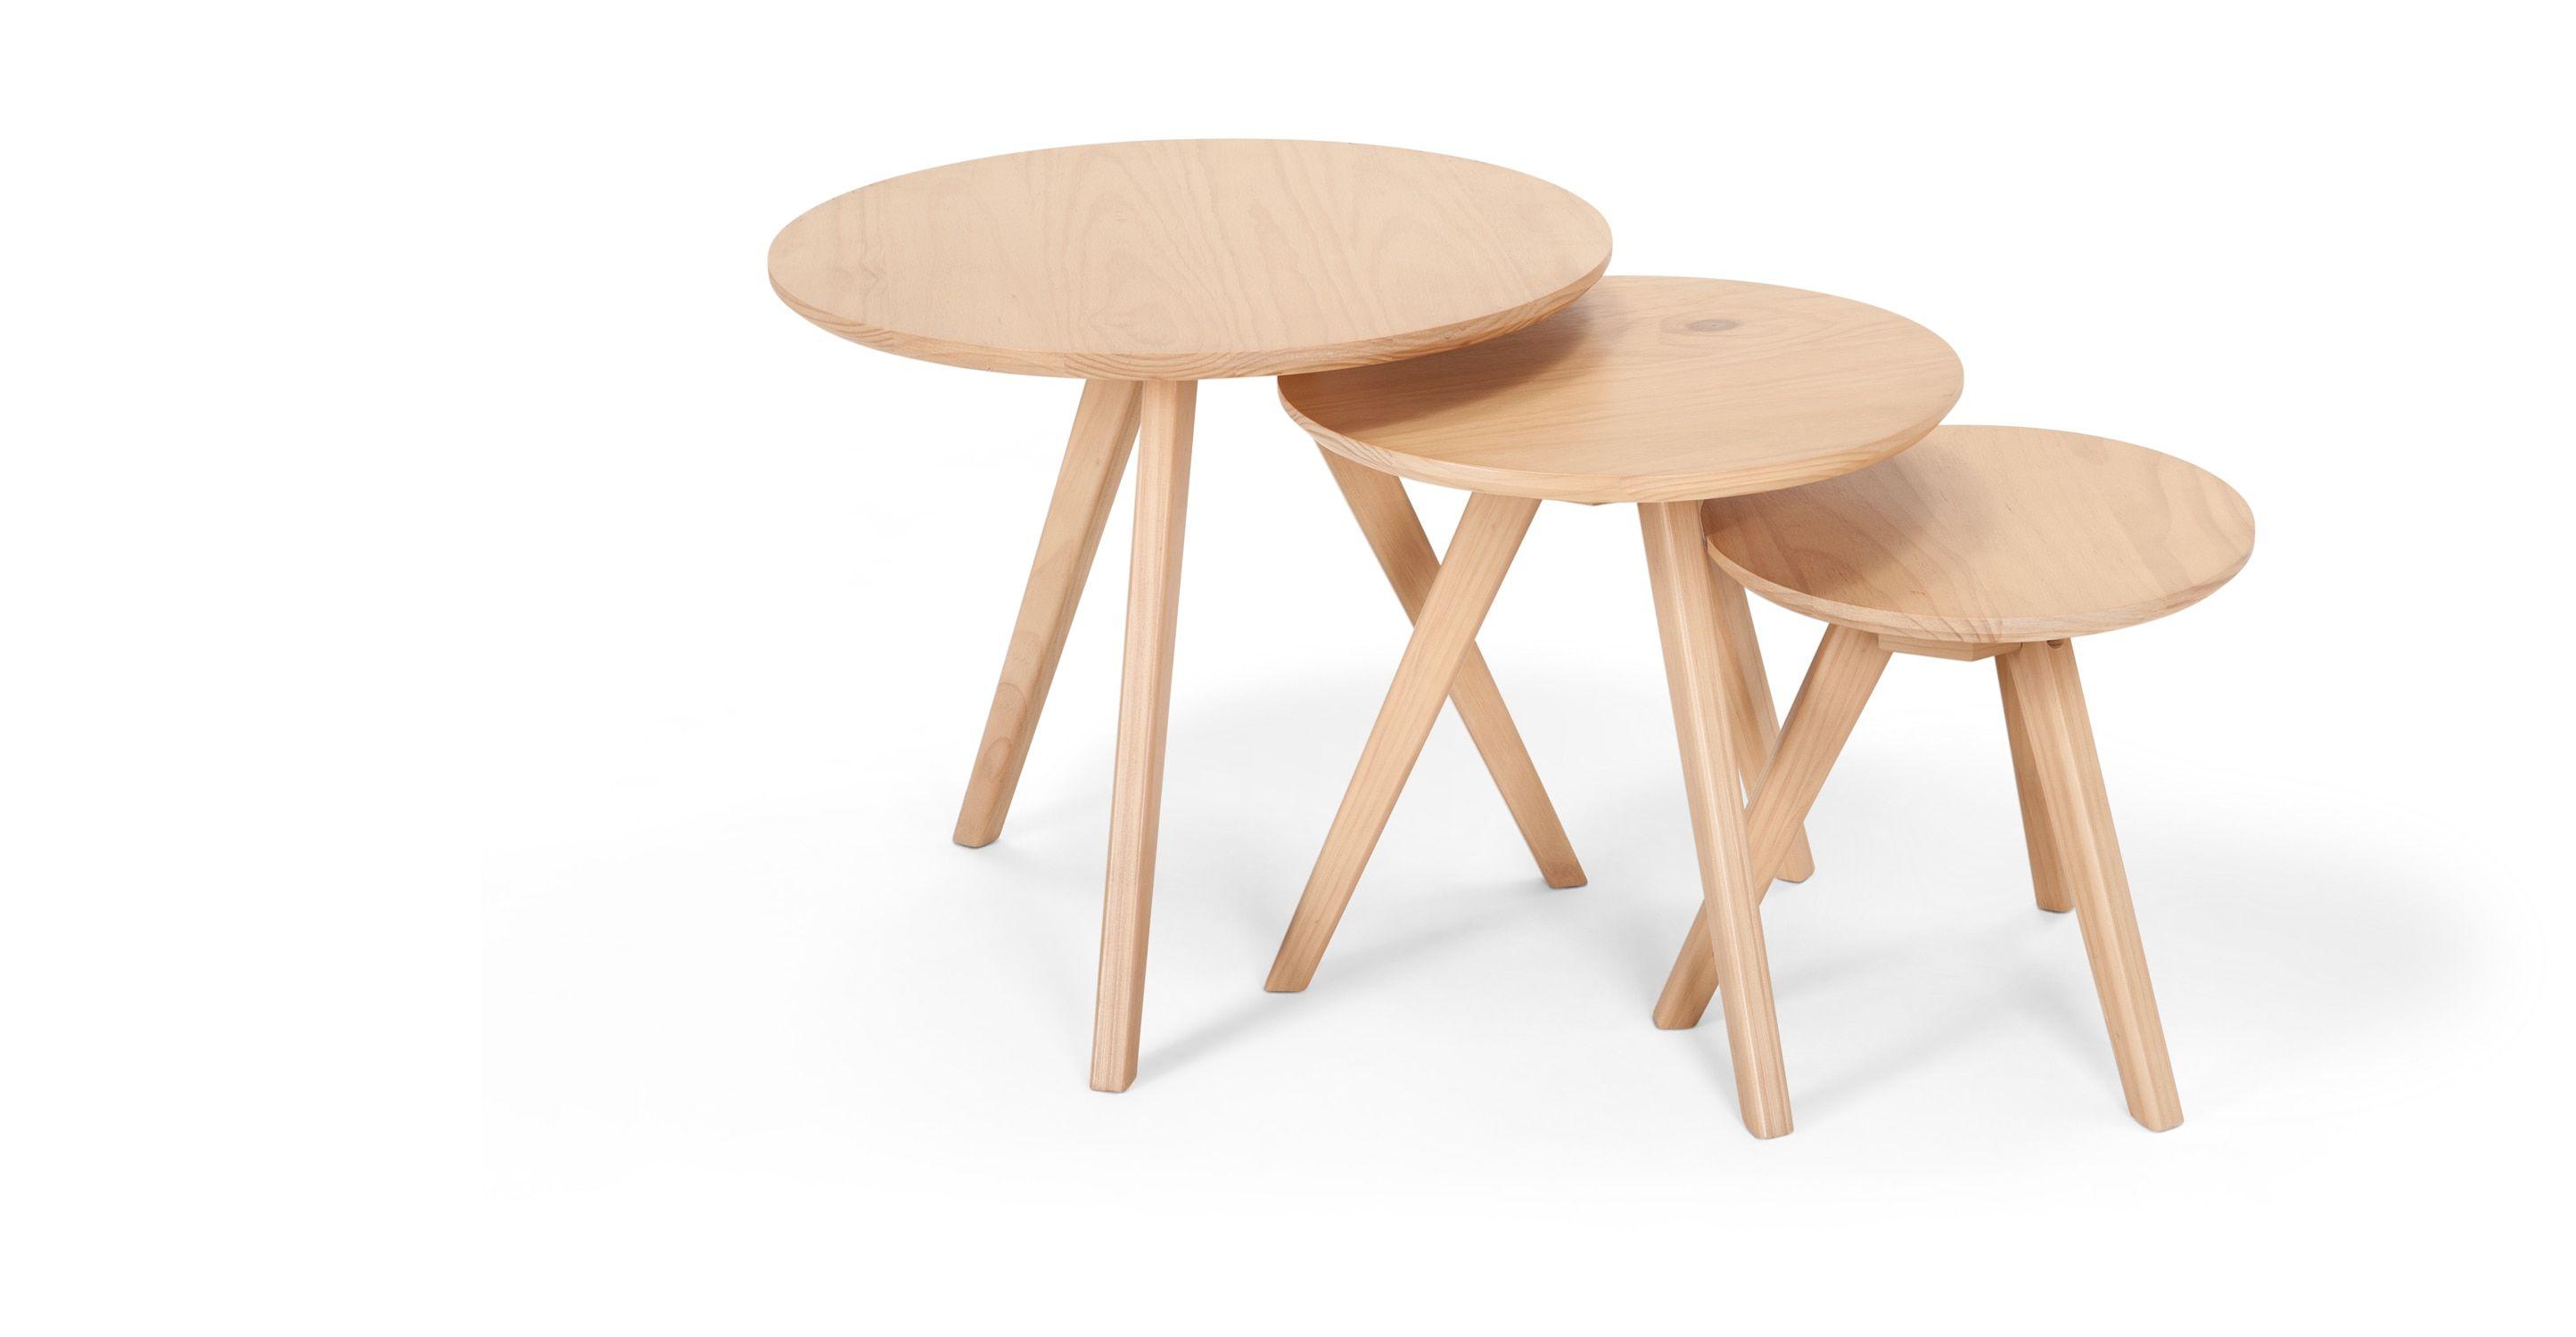 Orion Beistelltisch Set Natur Made Com Jetzt Bestellen Unter Https Moebel Ladendirekt De Wohnzimmer Tische Beiste Beistelltische Beistelltische Set Tisch